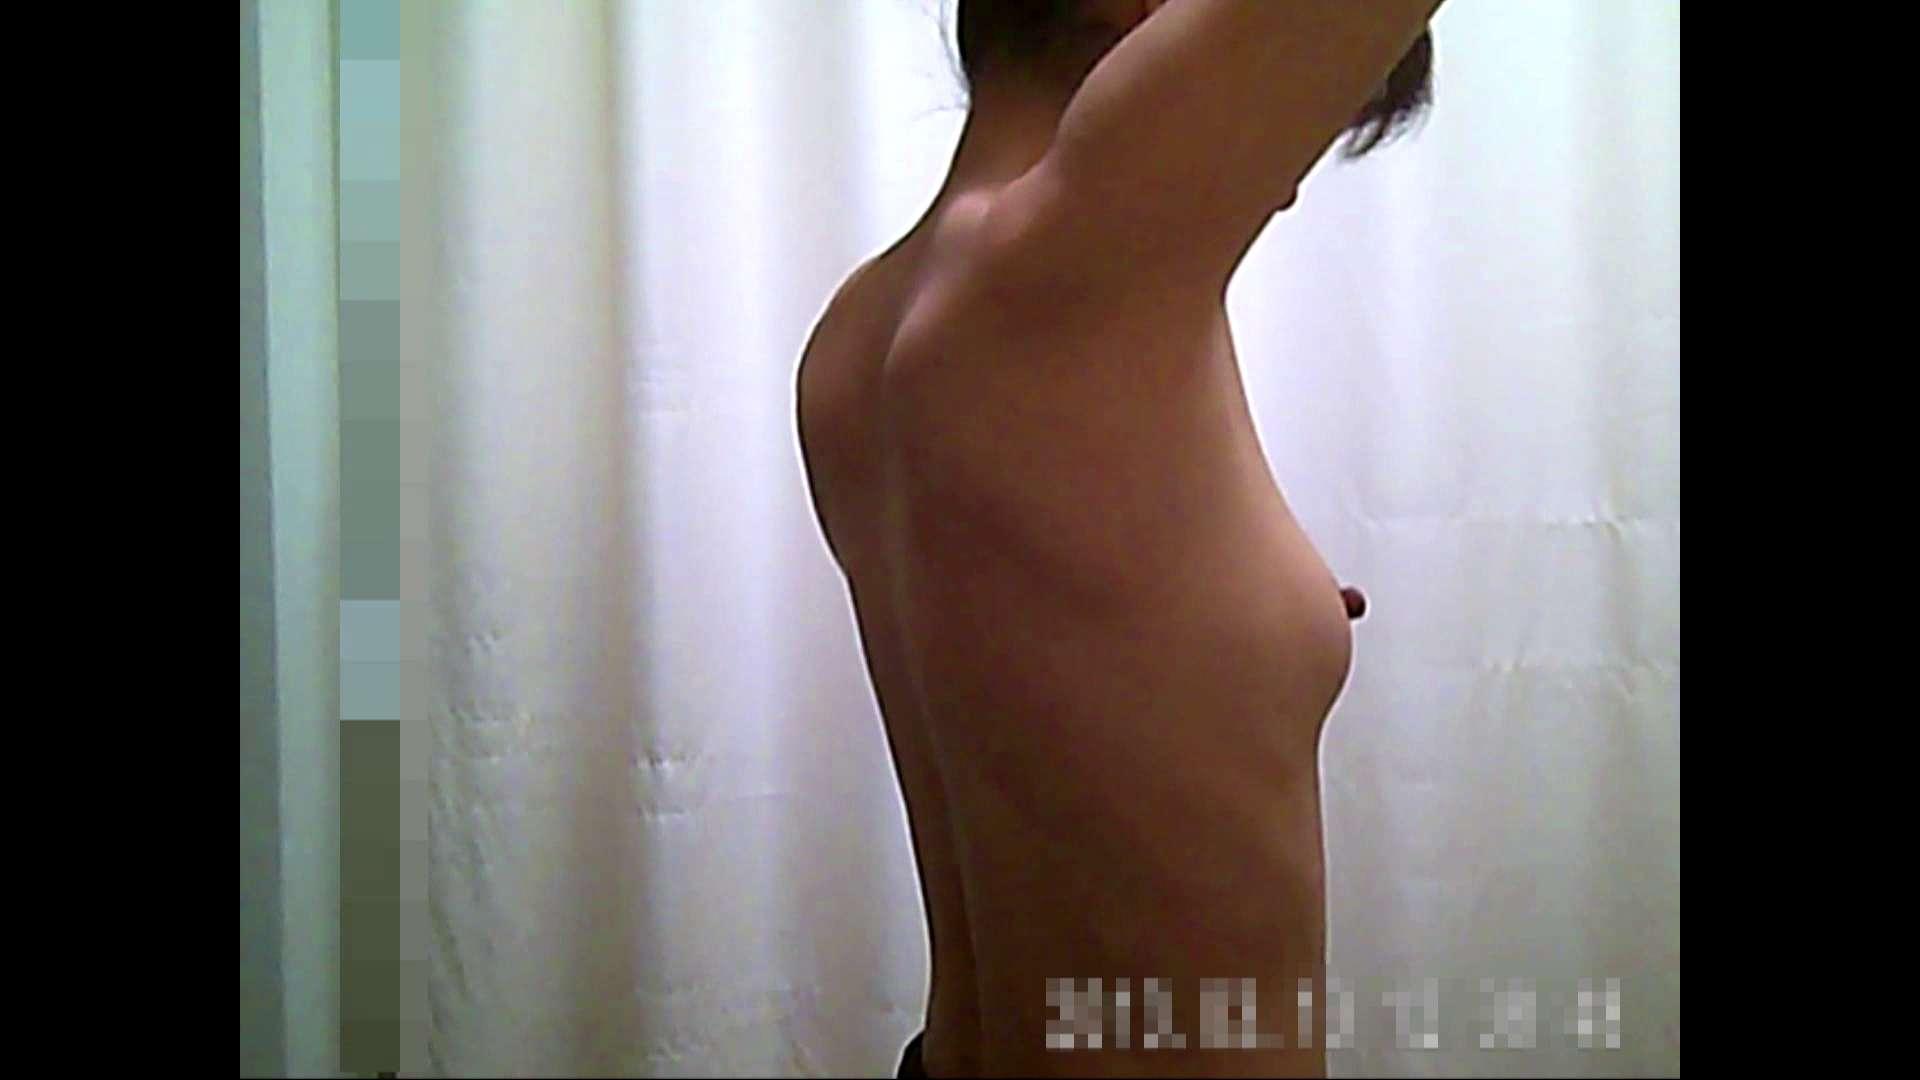 元医者による反抗 更衣室地獄絵巻 vol.098 OL | 0  98連発 92